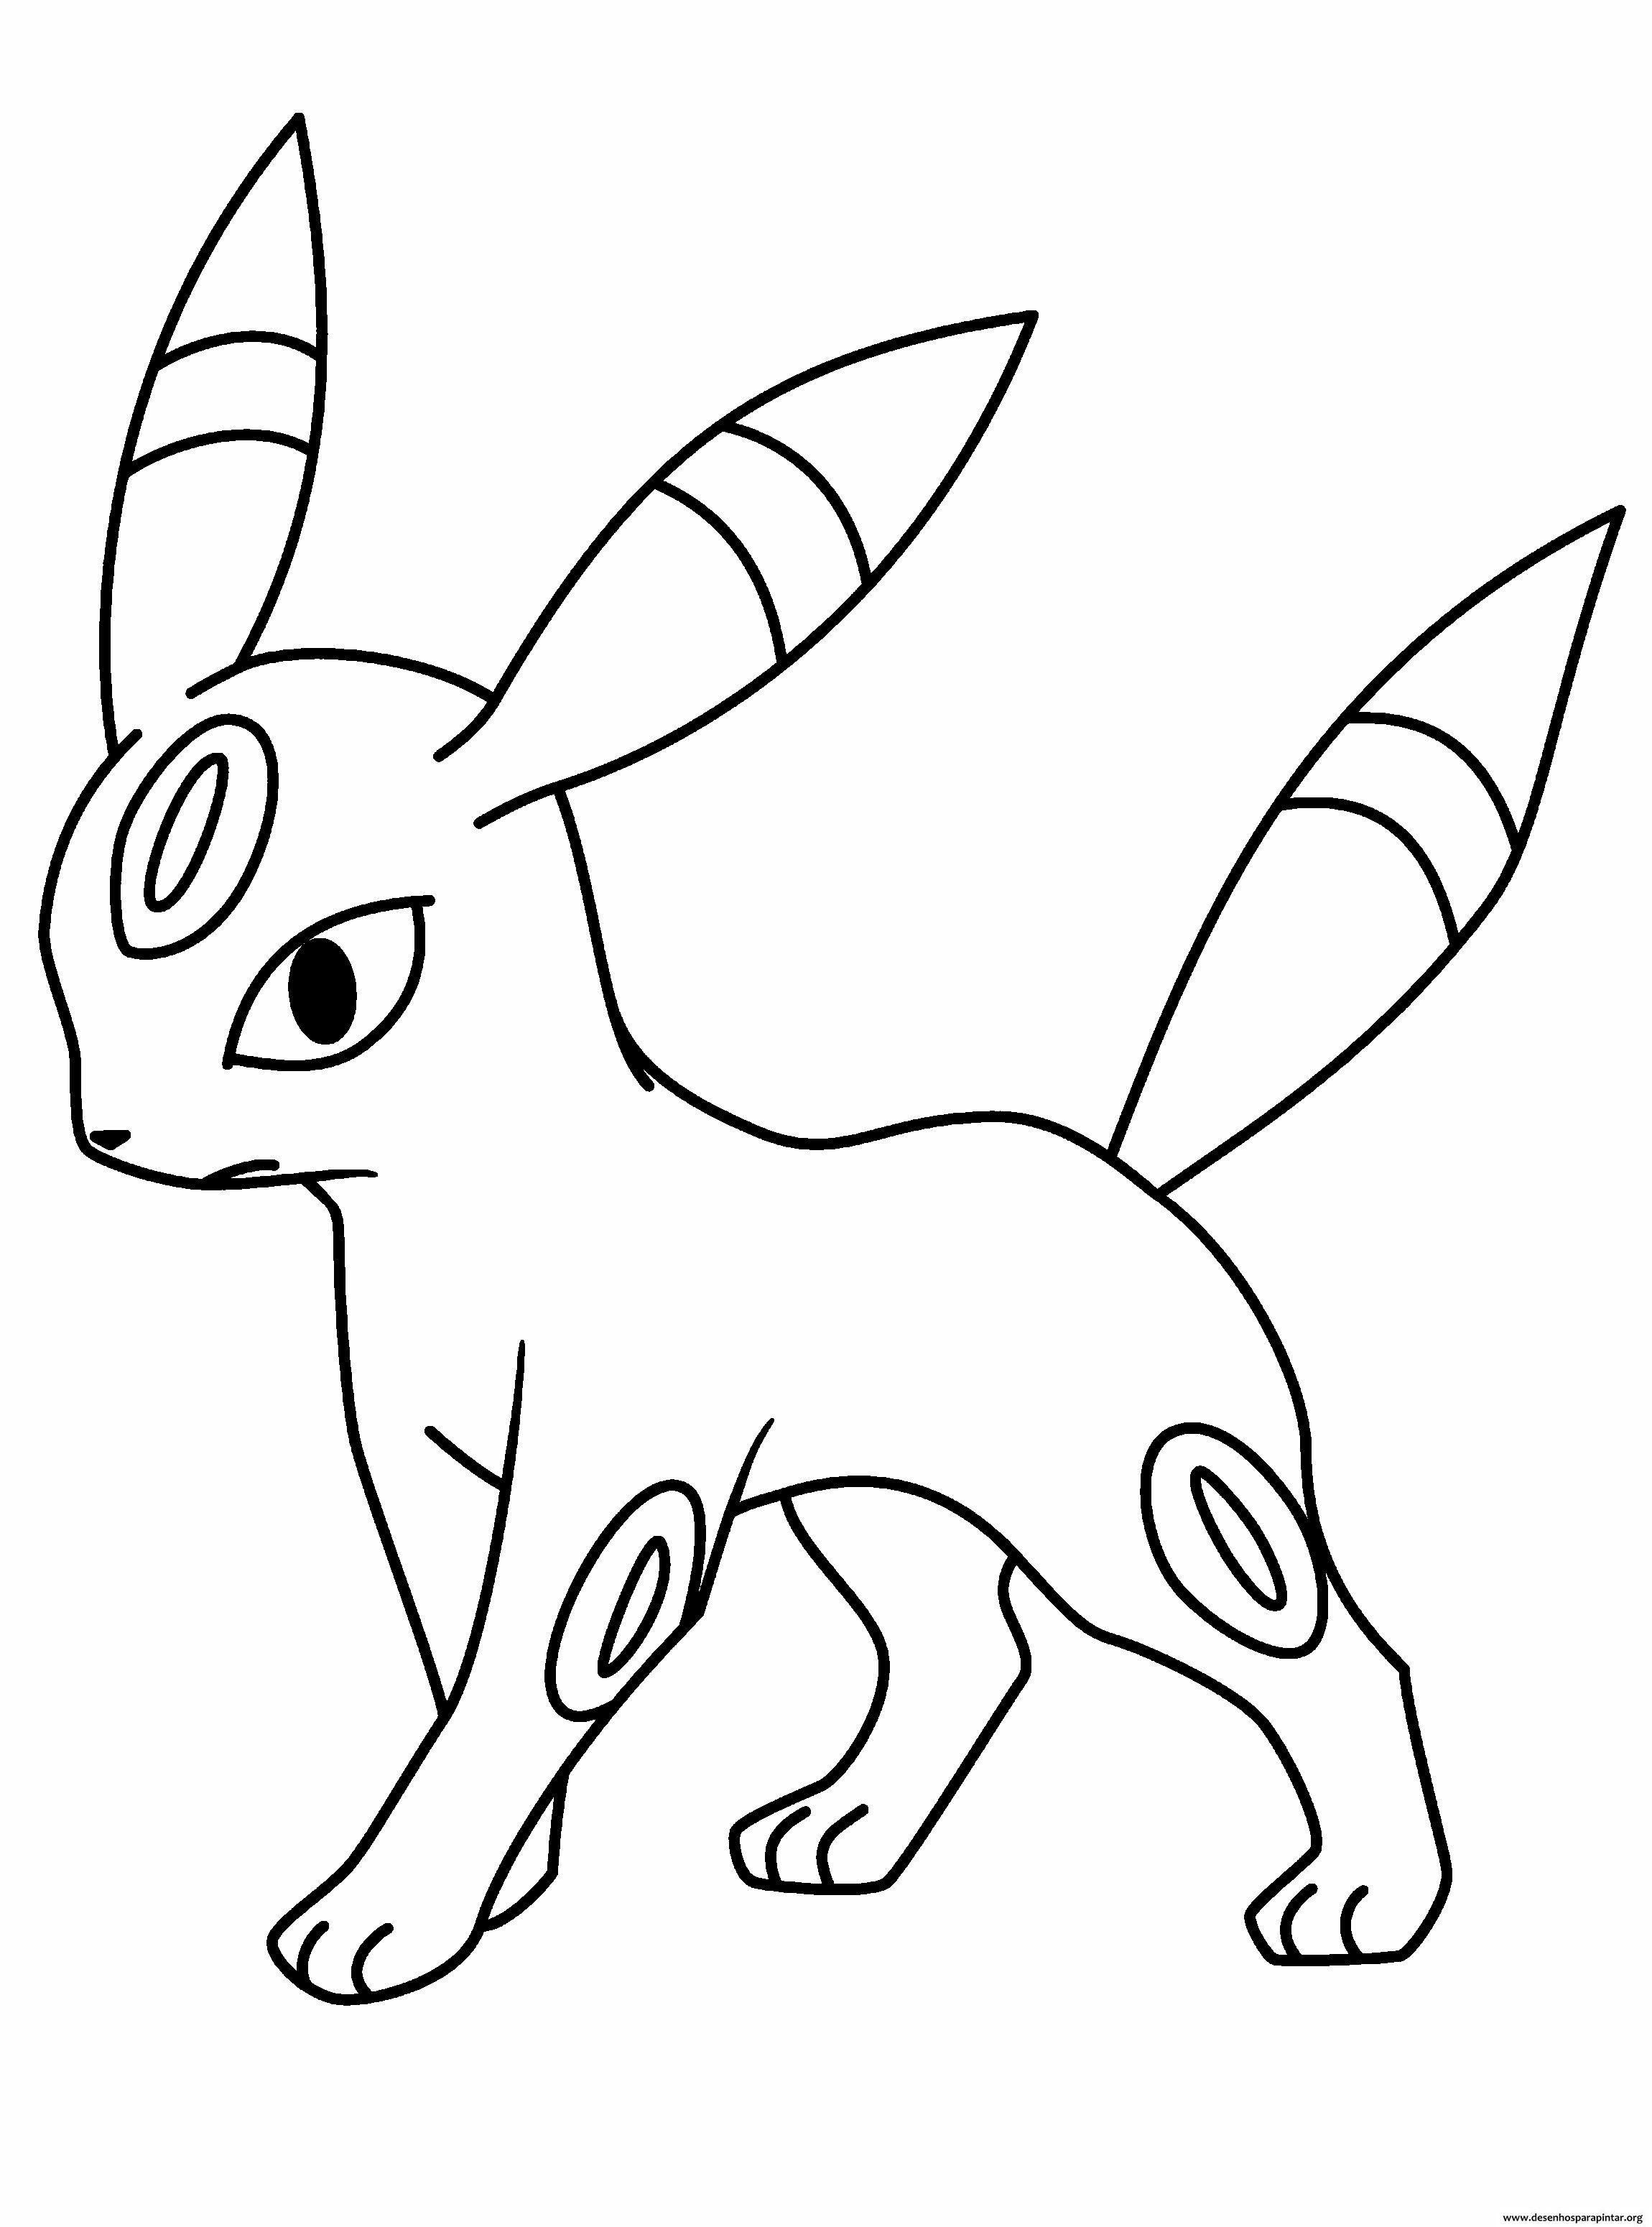 Inicio Desenhos Para Colorir Do Pokemon Lendarios Para Imprimir